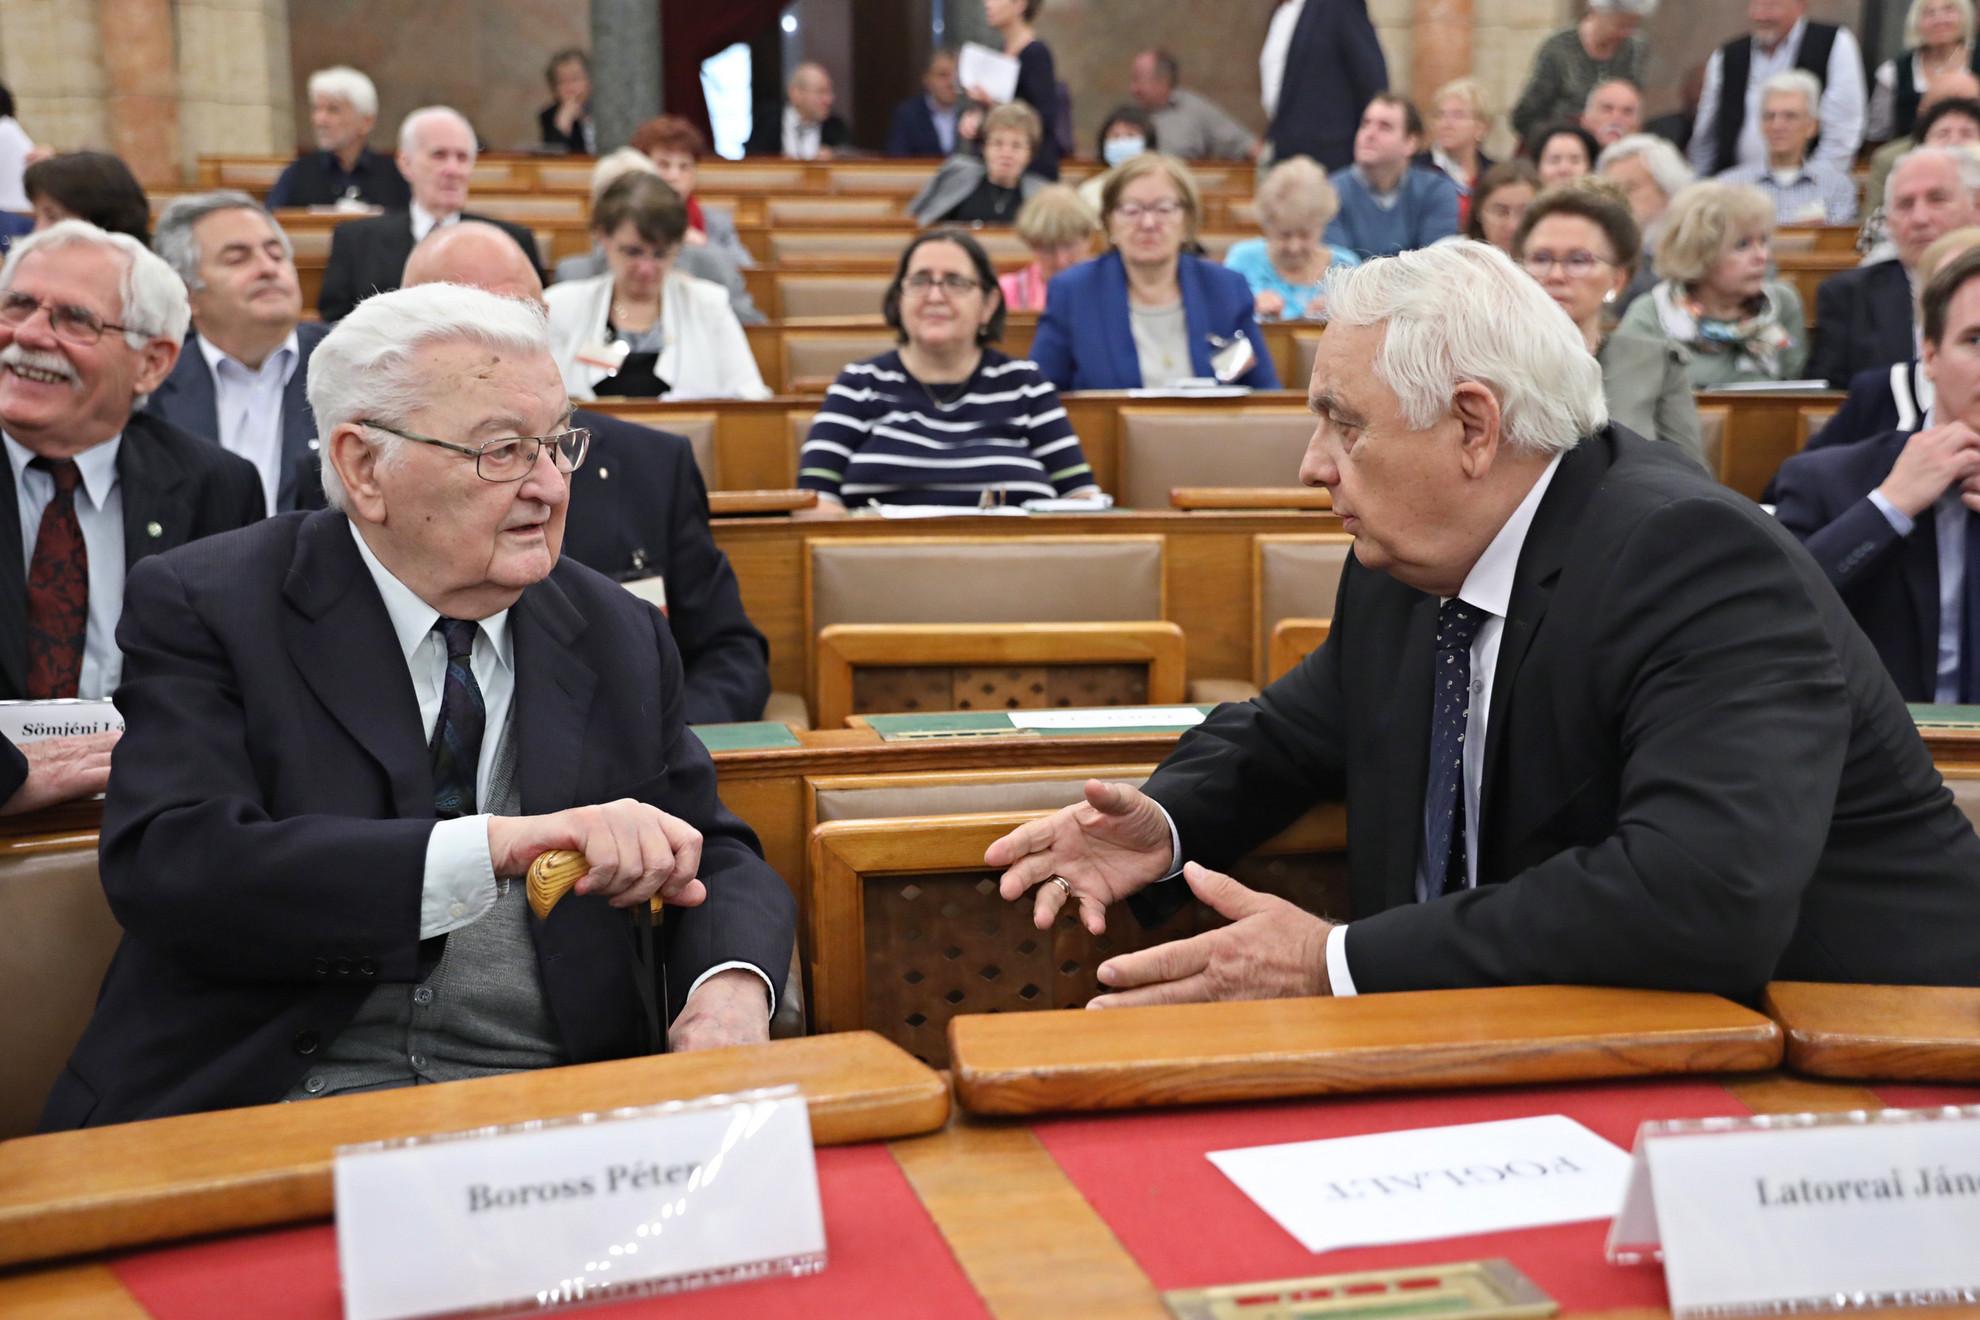 Boross Péter volt miniszterelnök (b) és Latorcai János, az Országgyűlés alelnöke (j)